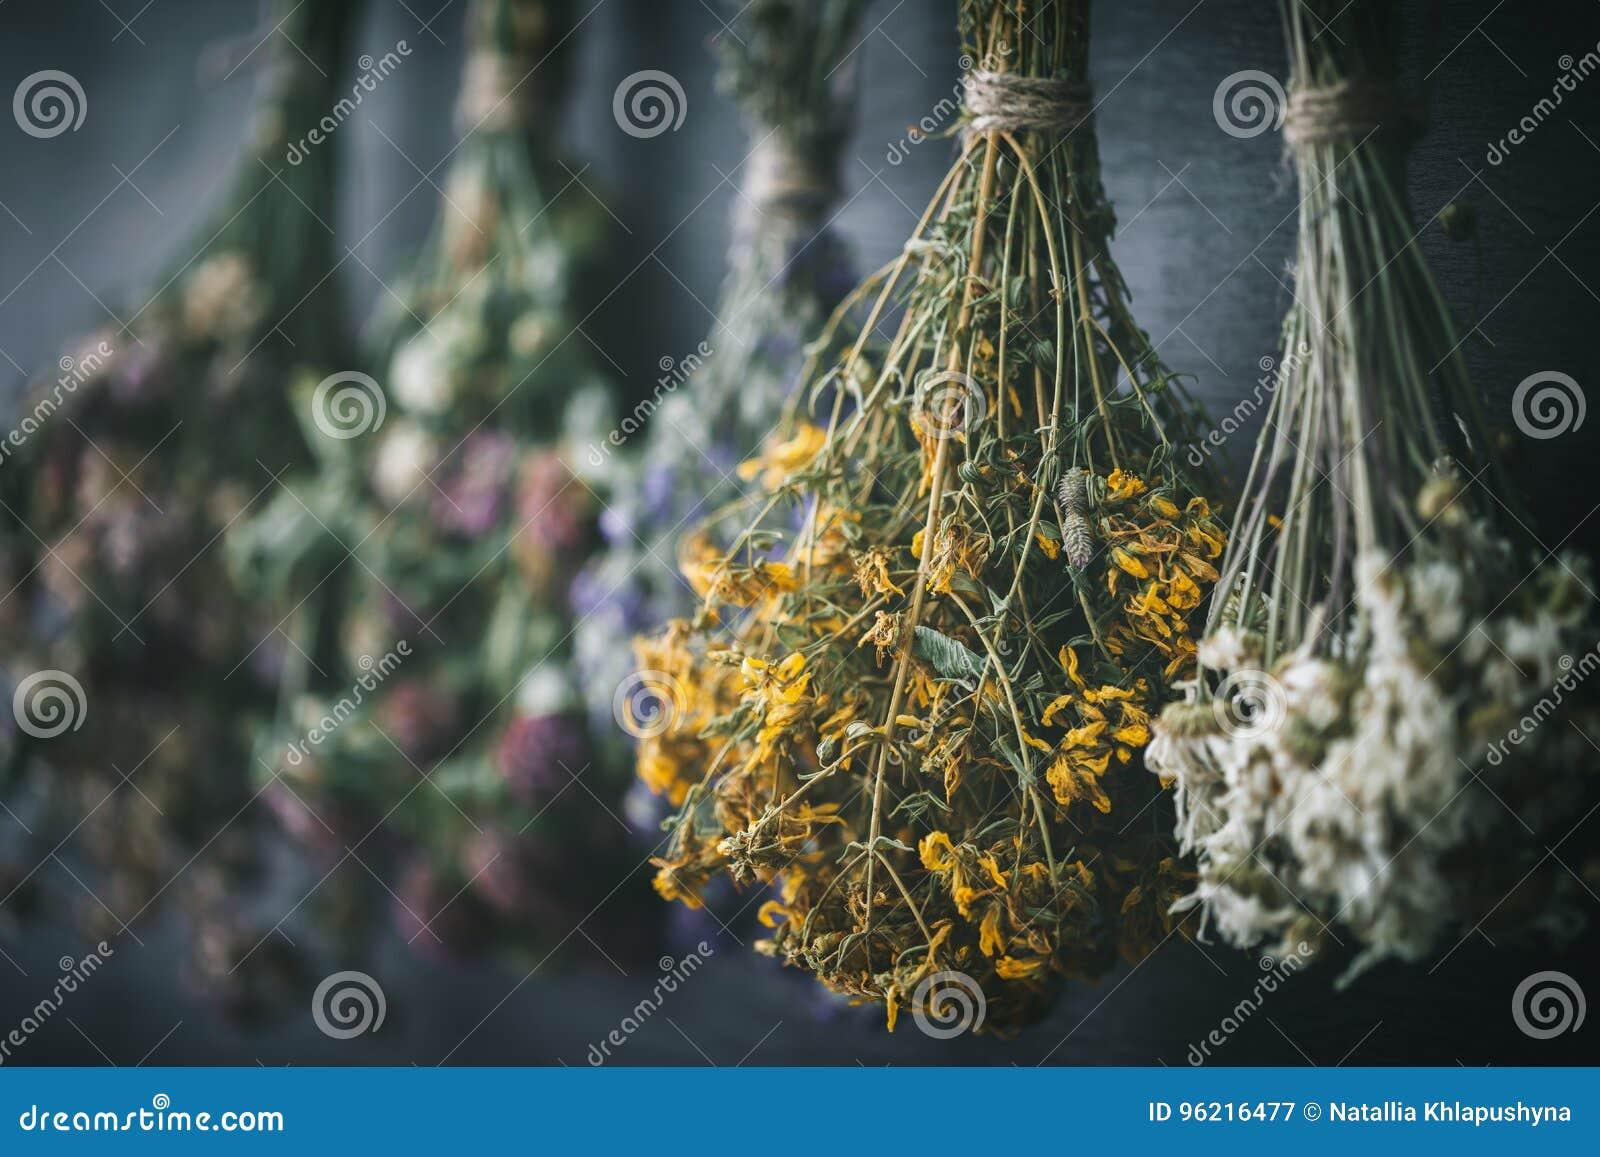 Grupos de suspensão das ervas medicinais, foco na flor do hypericum